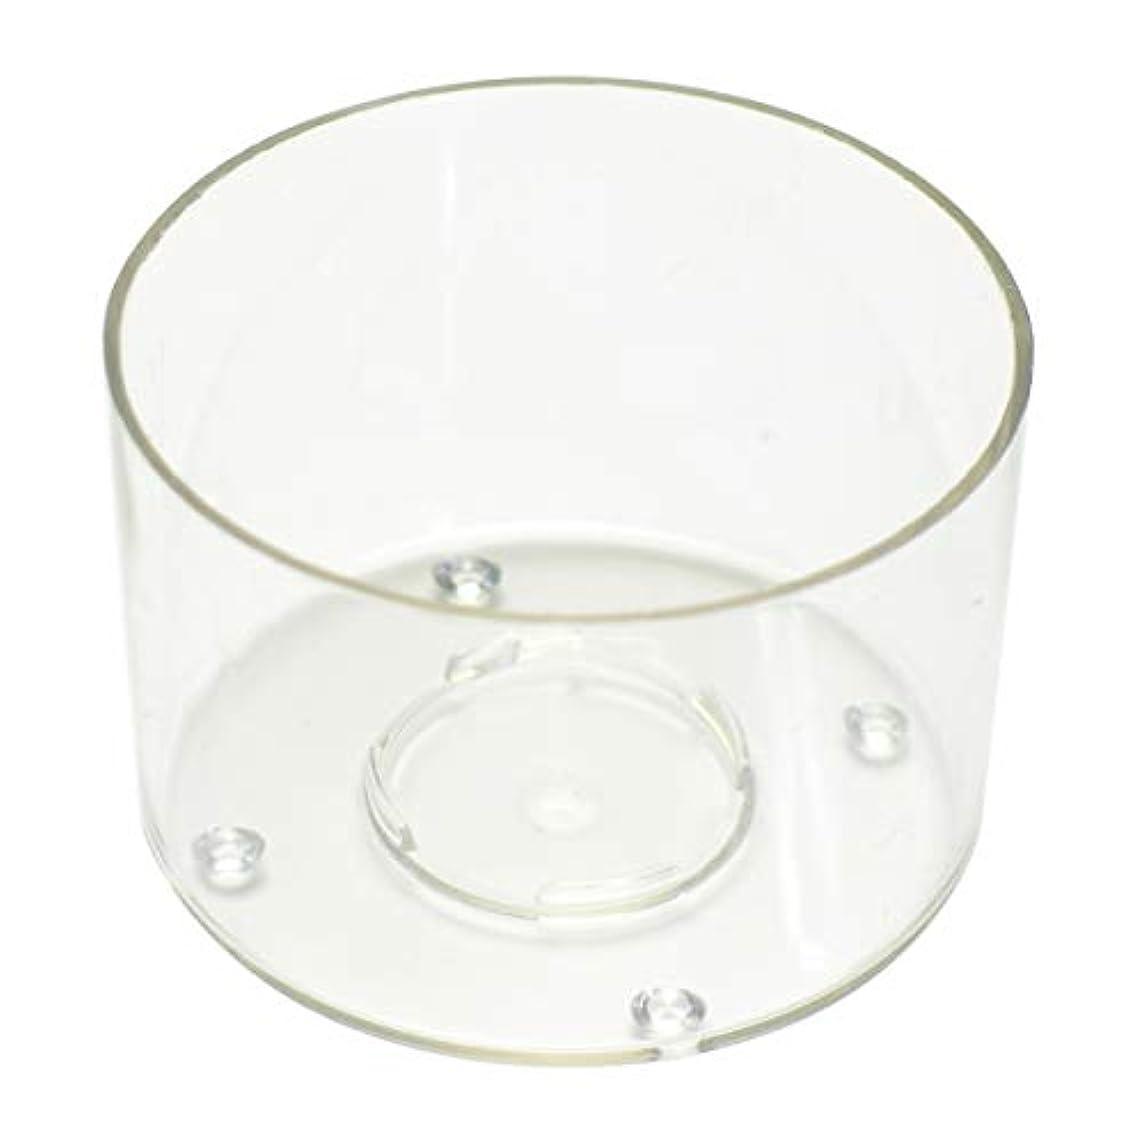 誘う金額幽霊ティーライトキャンドル用 クリアカップ 直径40mm×高さ26mm 20個入り 材料 手作り